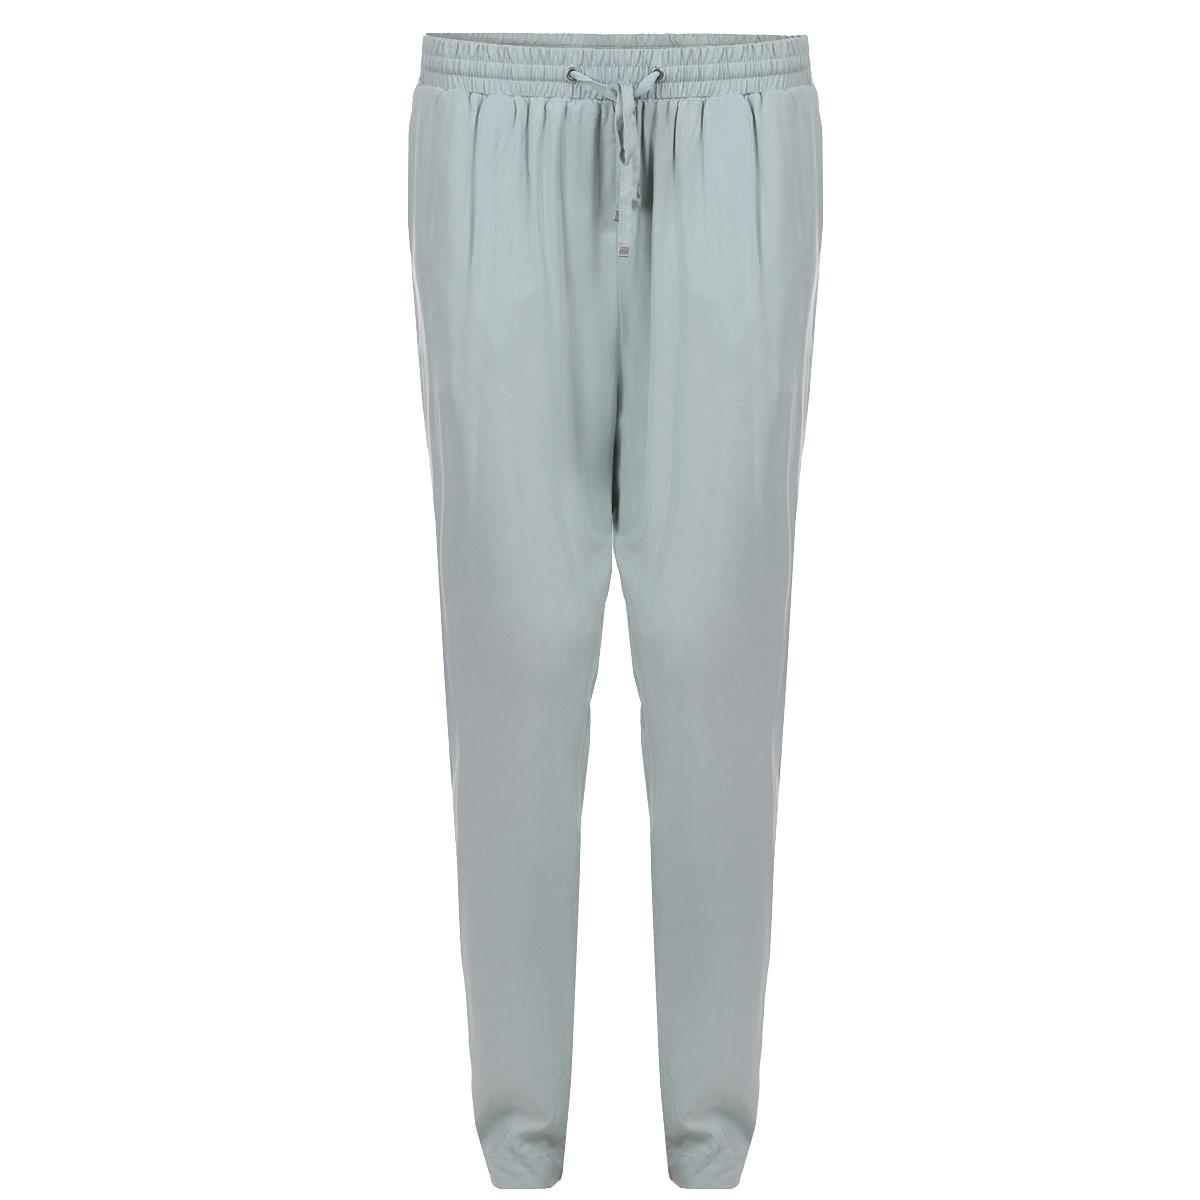 SSP1924ZIСтильные женские брюки Top Secret зауженные к низу, не только удачно впишутся практически в любой летний образ, но и подчеркнут фигуру. Выполнены из легкой вискозной ткани - мягкой и очень приятной на ощупь. В пояс вставлена широкая резинка, обеспечивающая более плотное прилегание, имеется затягивающийся шнурок. По бокам предусмотрены втачные карманы, сзади - имитация прорезных кармашков. Модель отлично подойдет для прогулок в теплые дни.